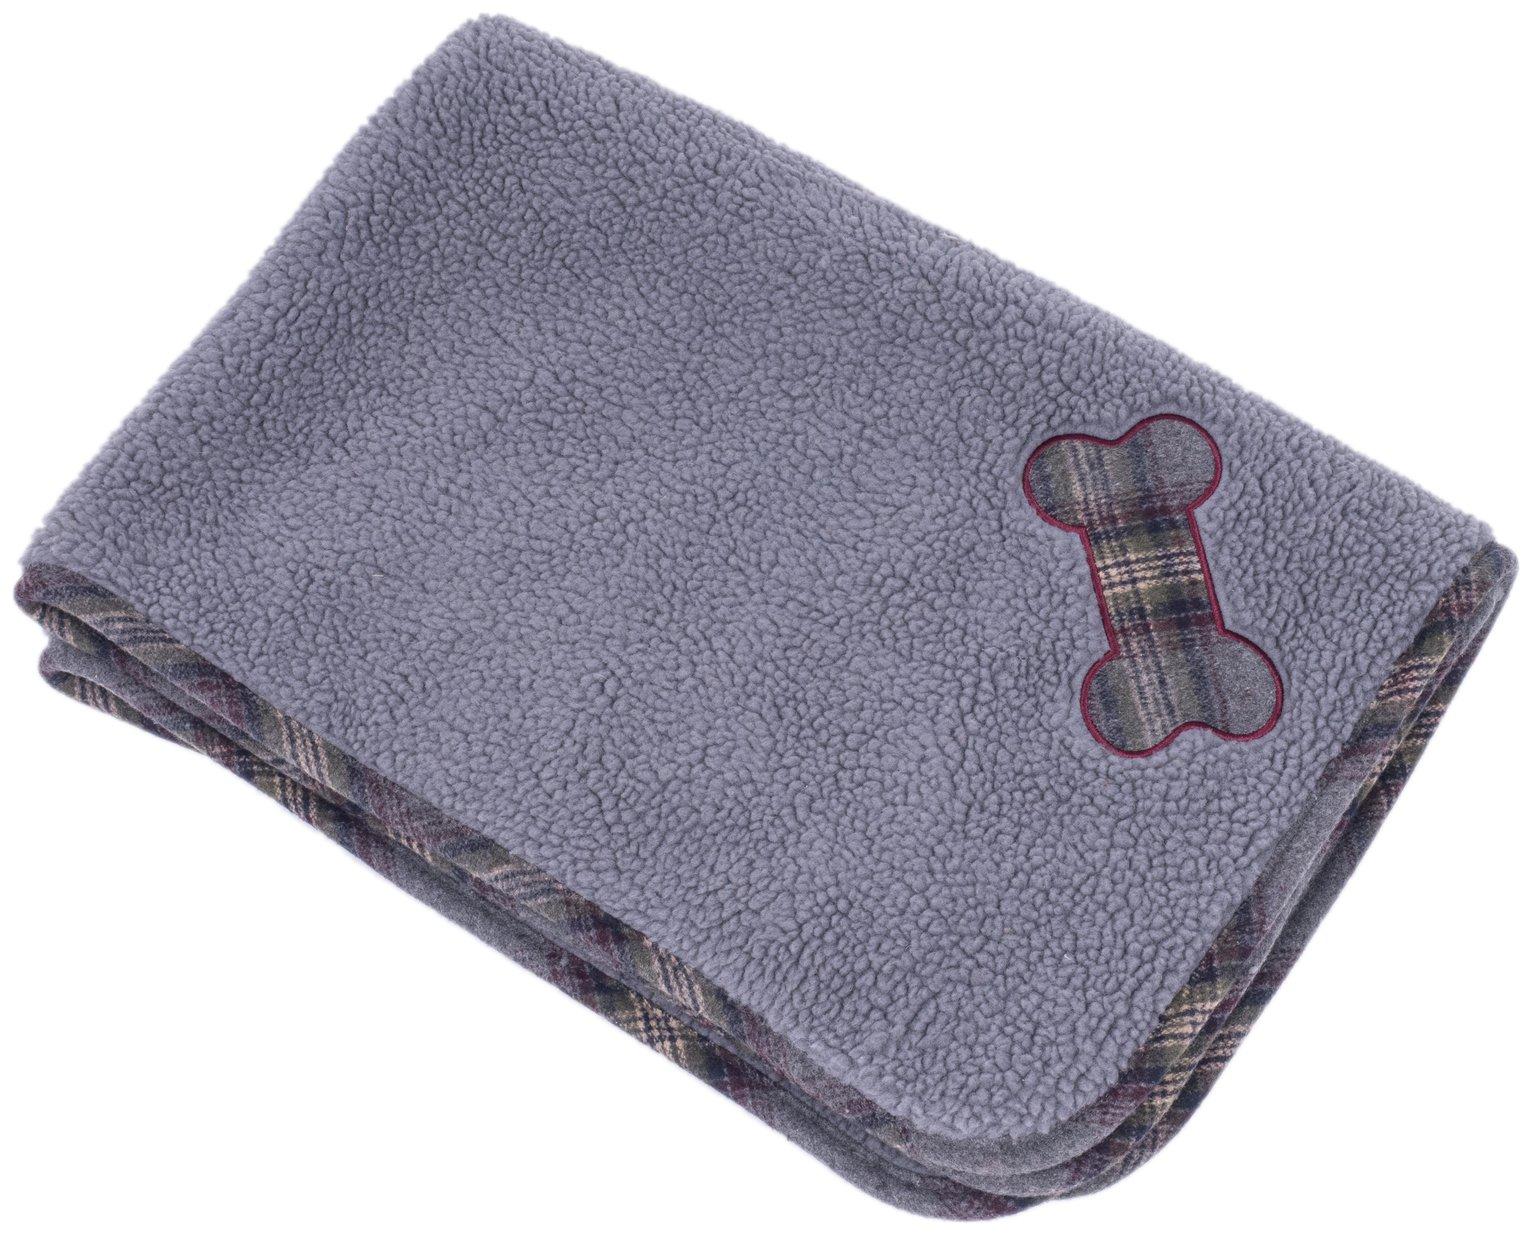 Petface Comforter - Grey Tweed